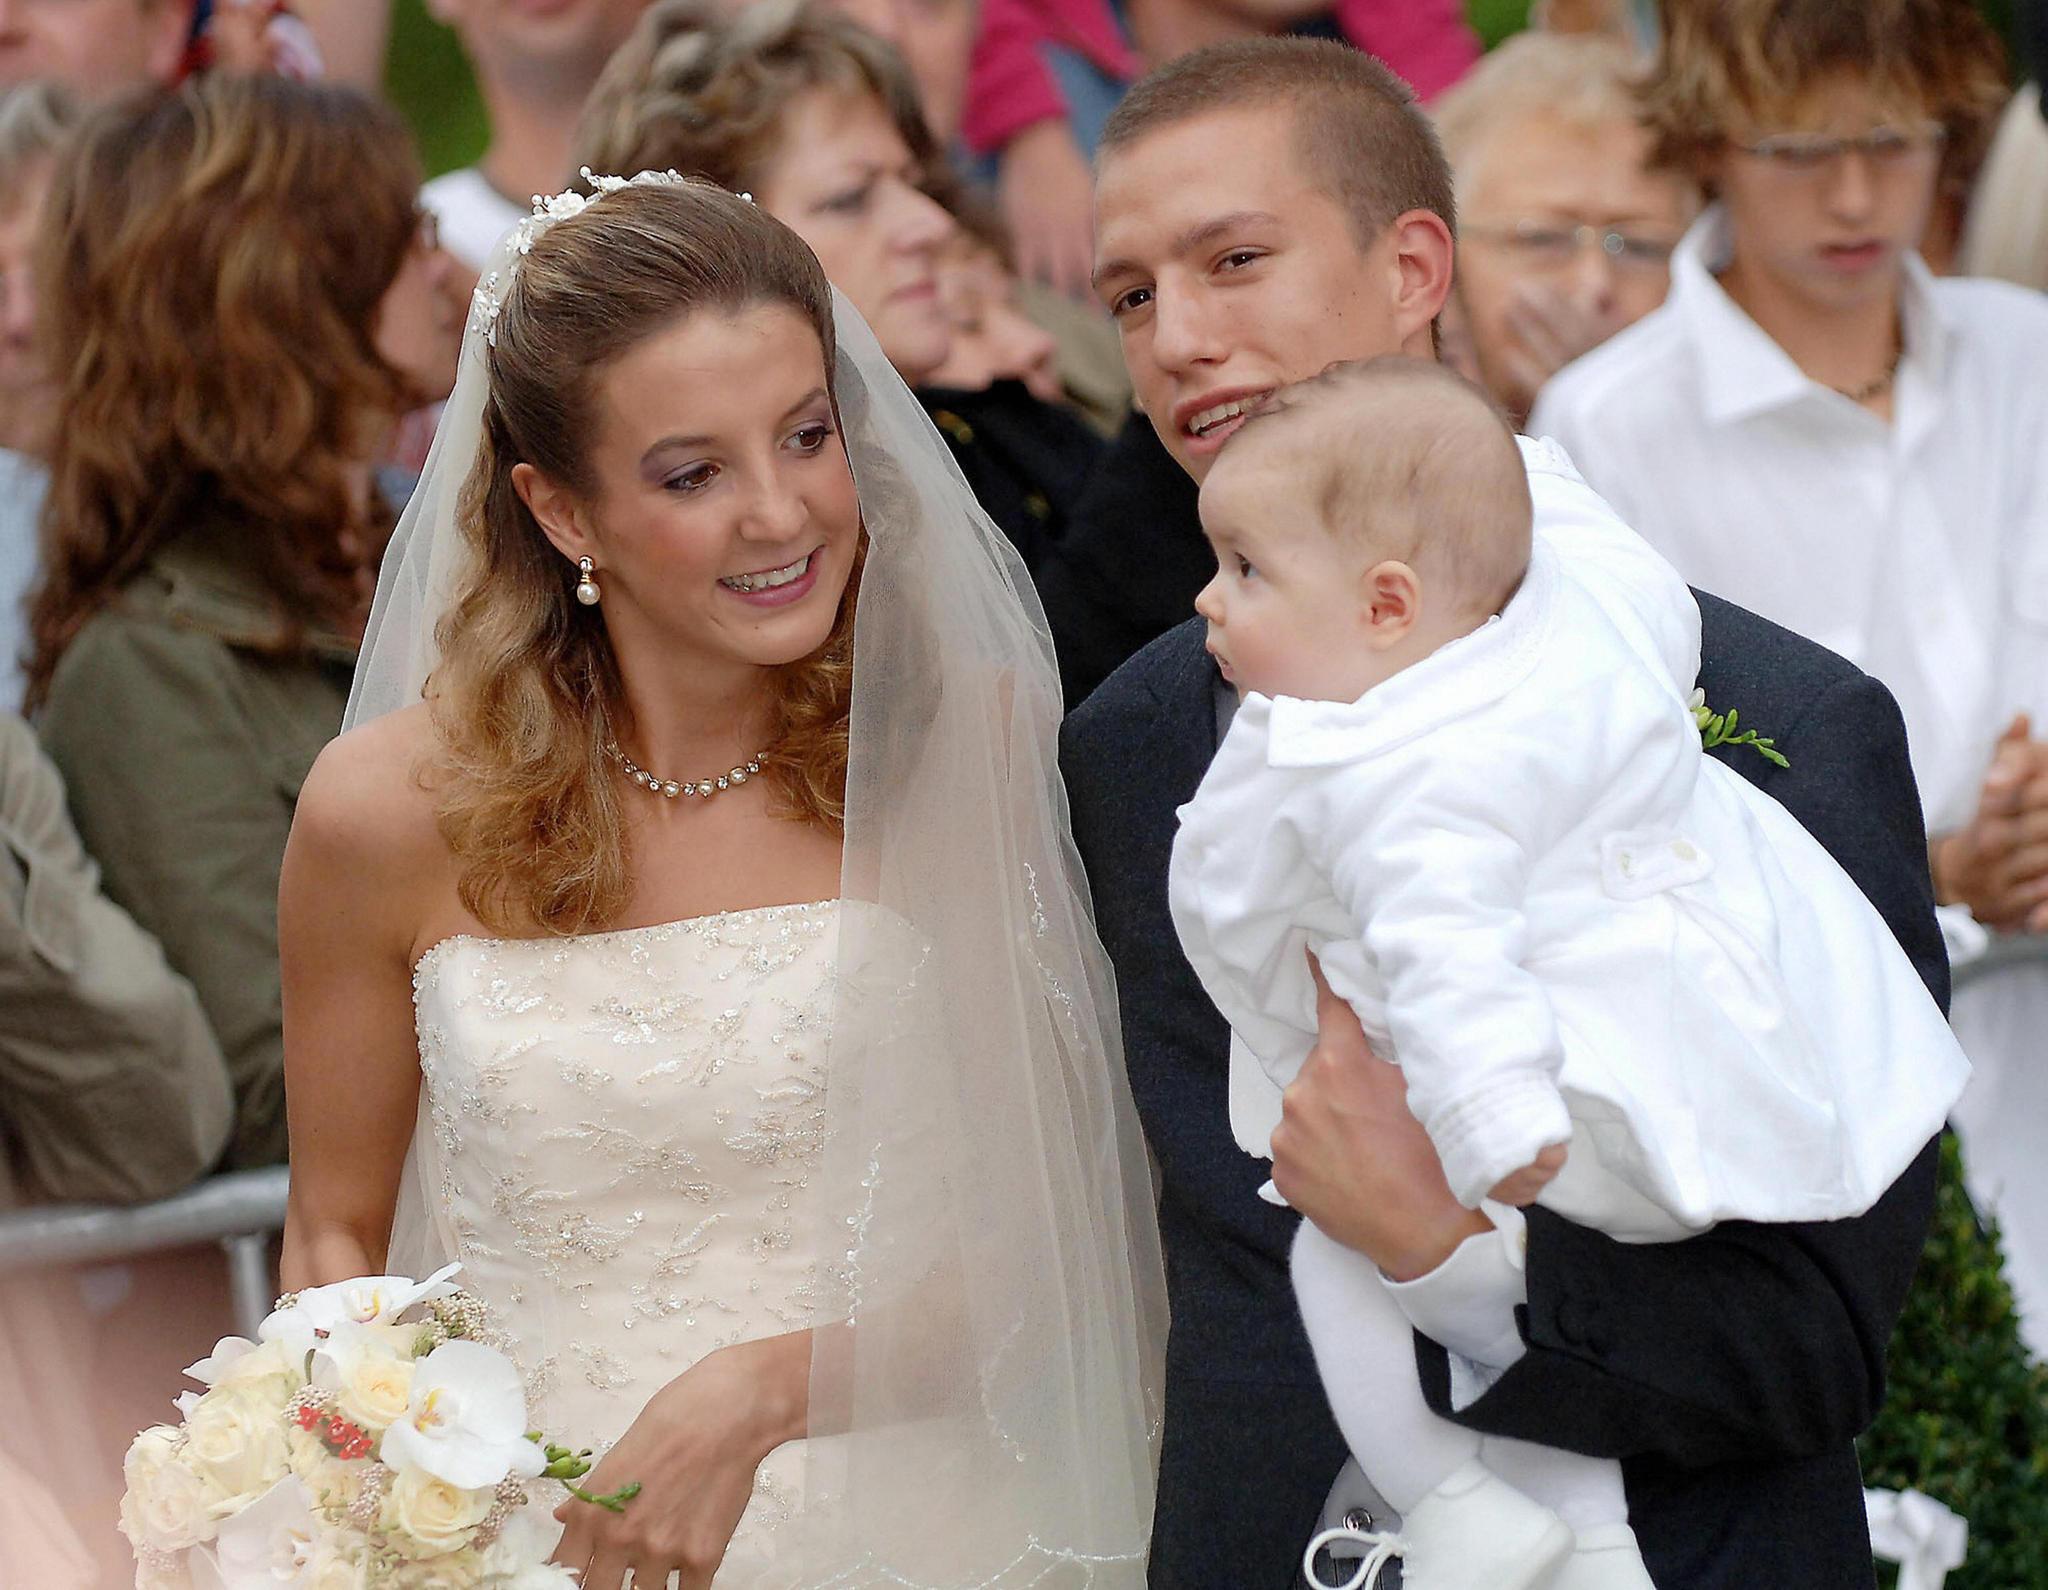 Tessy von Luxemburg bei der Hochzeit mitPrinz Louis von Luxemburg, auf dem Arm der kleine Gabriel Michael Louis Ronny de Nassau